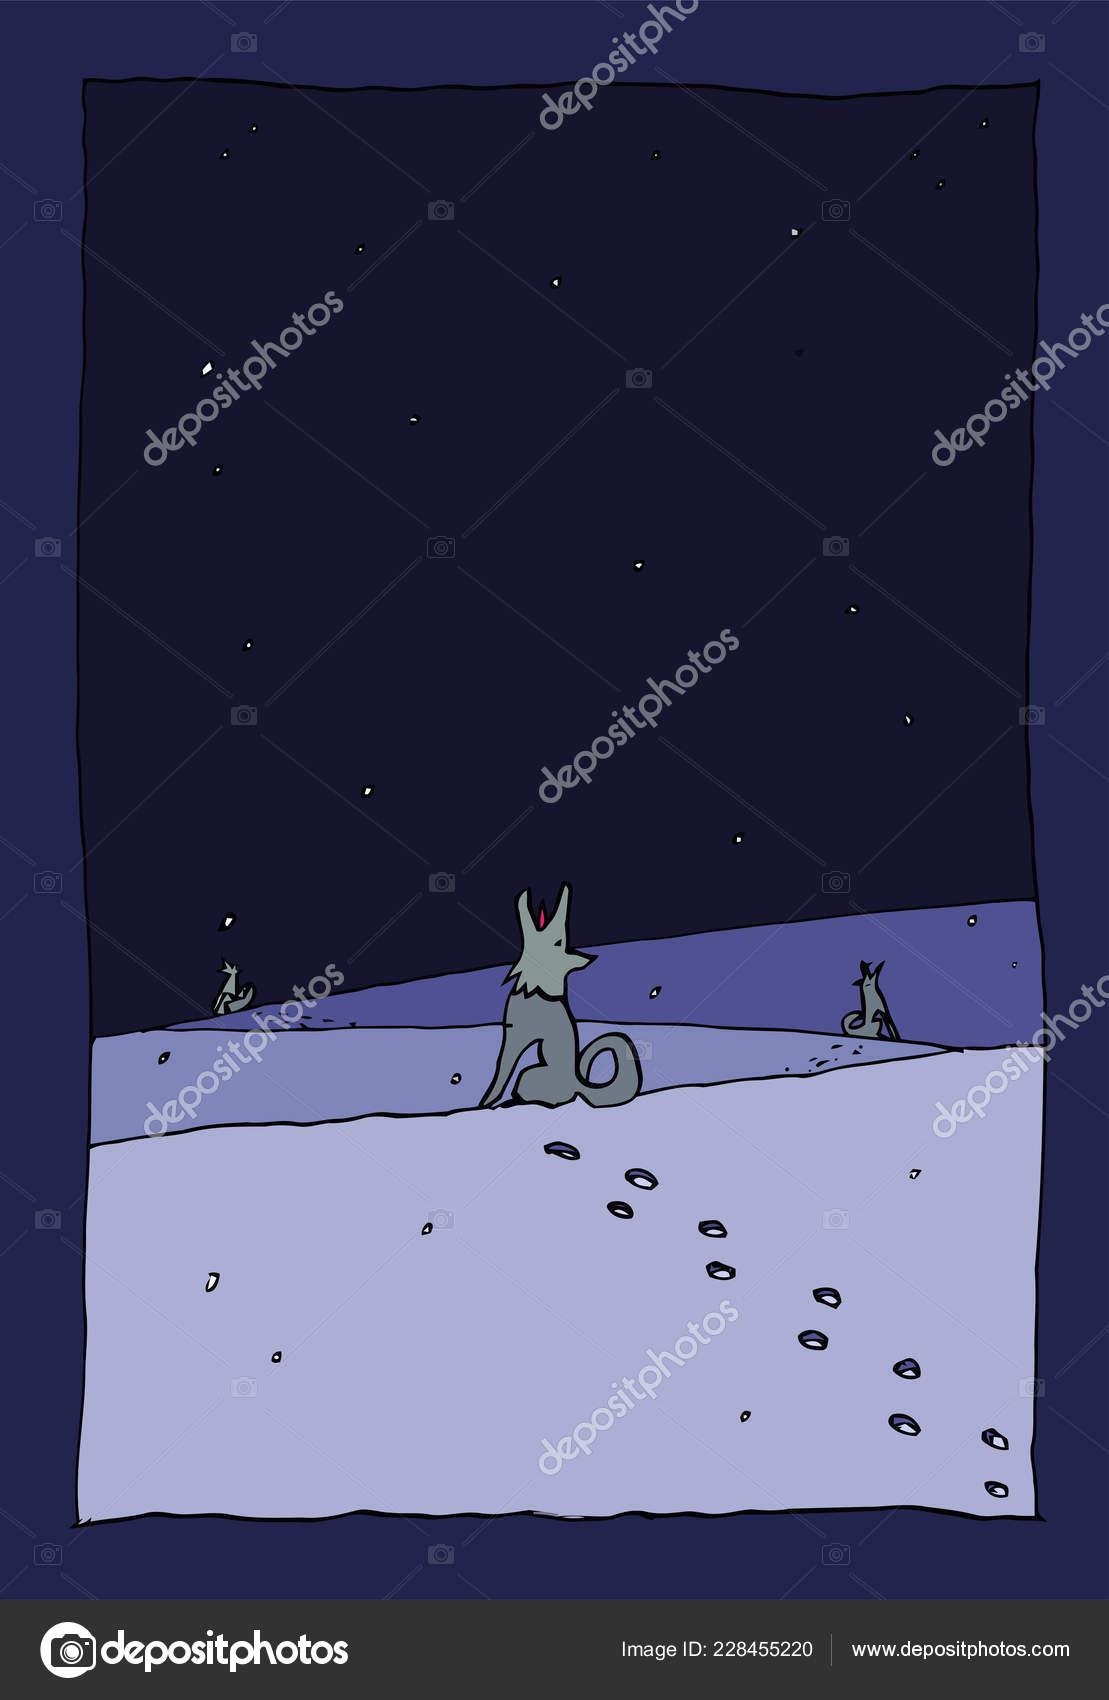 Caes Noite Inverno Versao Azul Escuro Desenho Tinta Abstrata